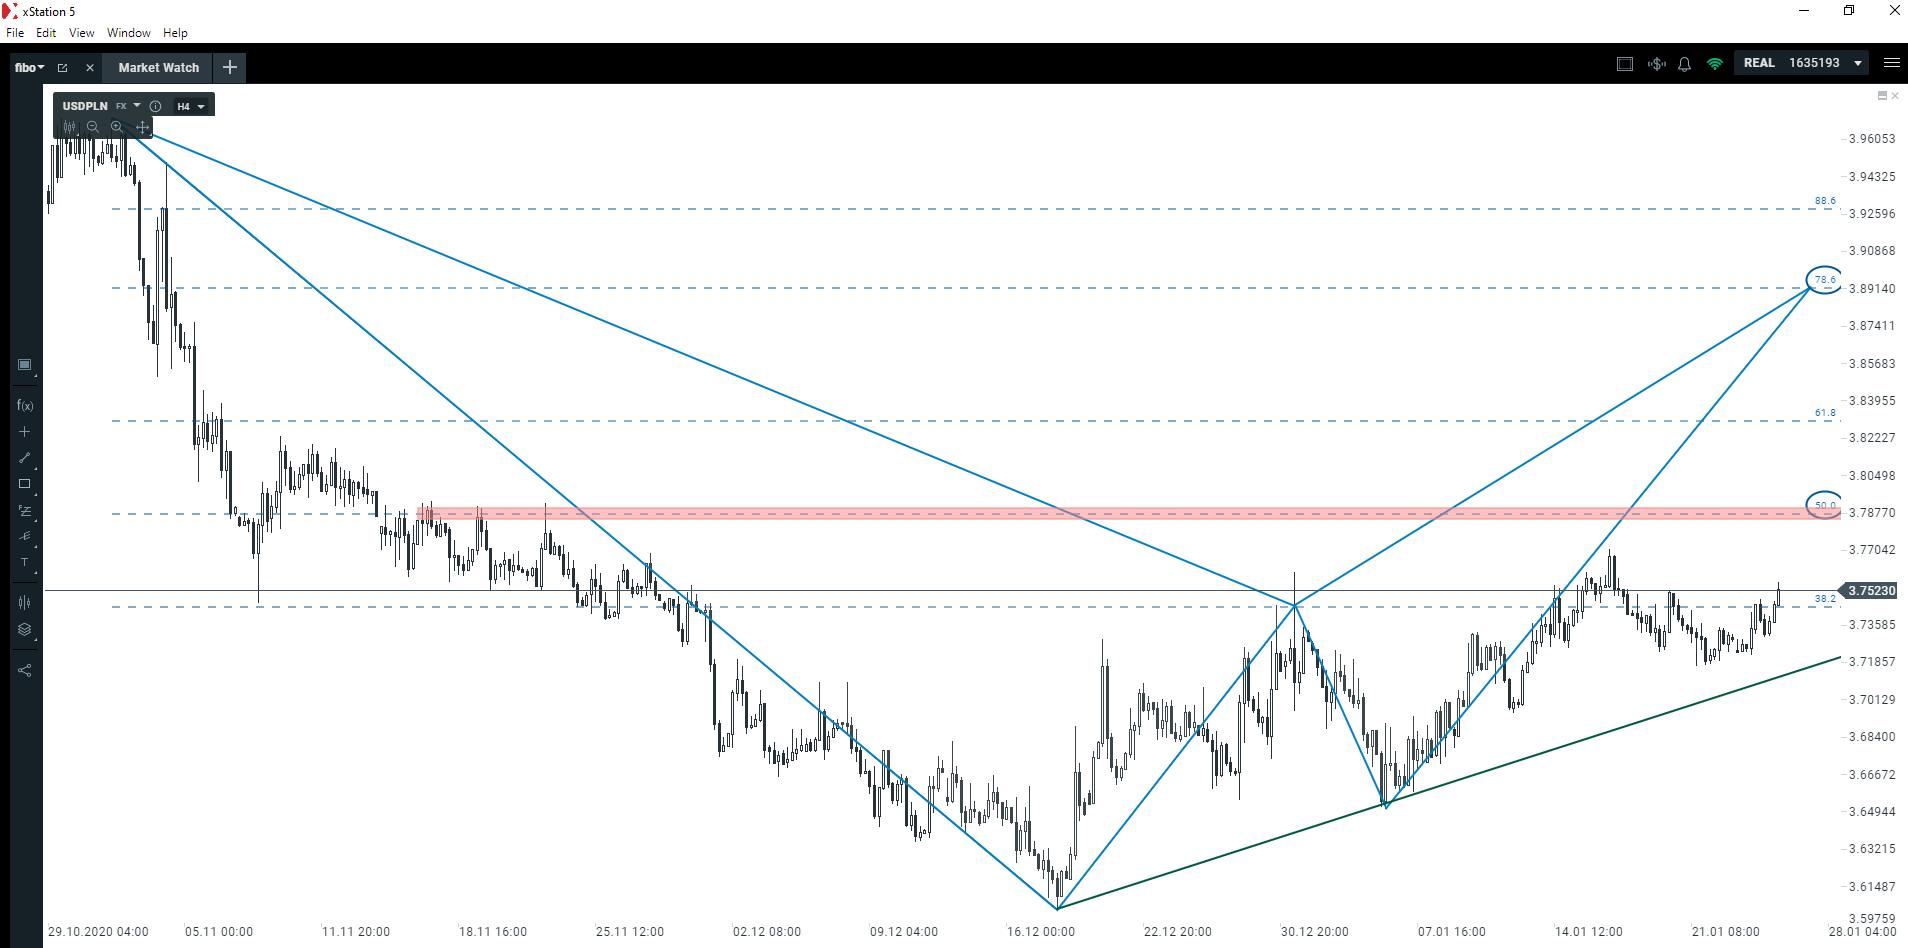 Kapitał płynie do amerykańskiego dolara. Jak długo utrzyma się ten trend?